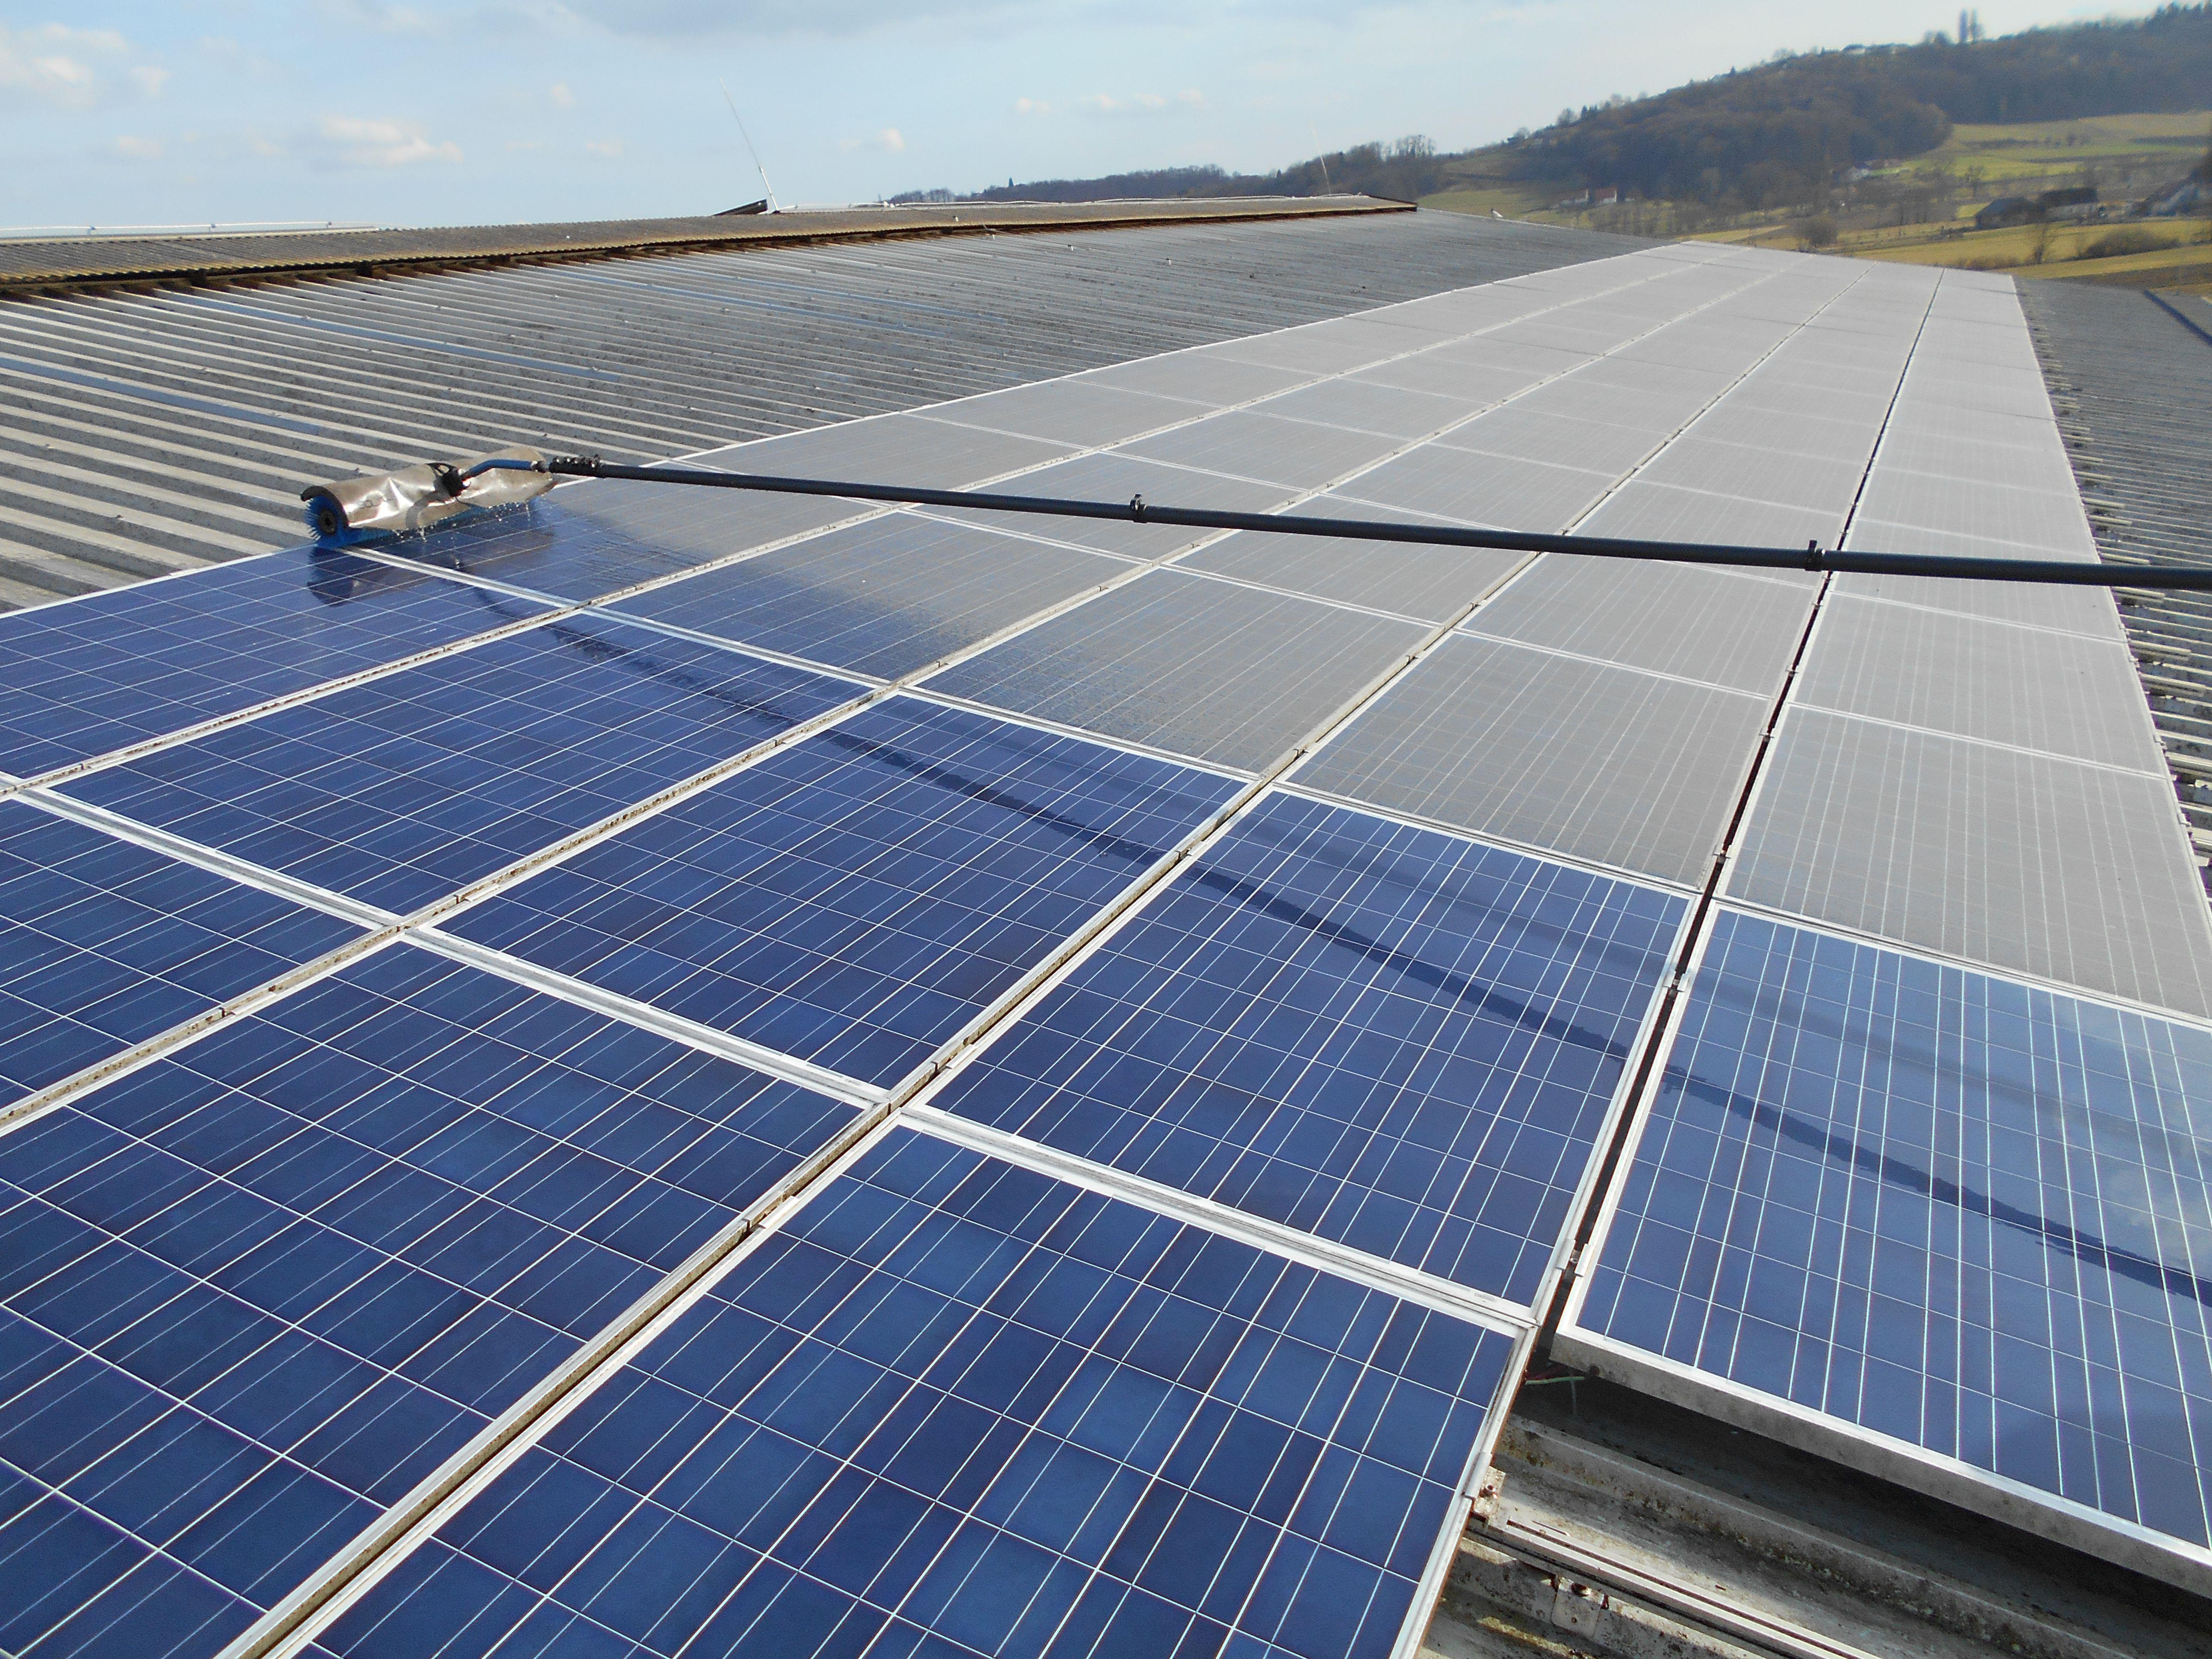 čistilni-servis-za-sončne-elektrarne